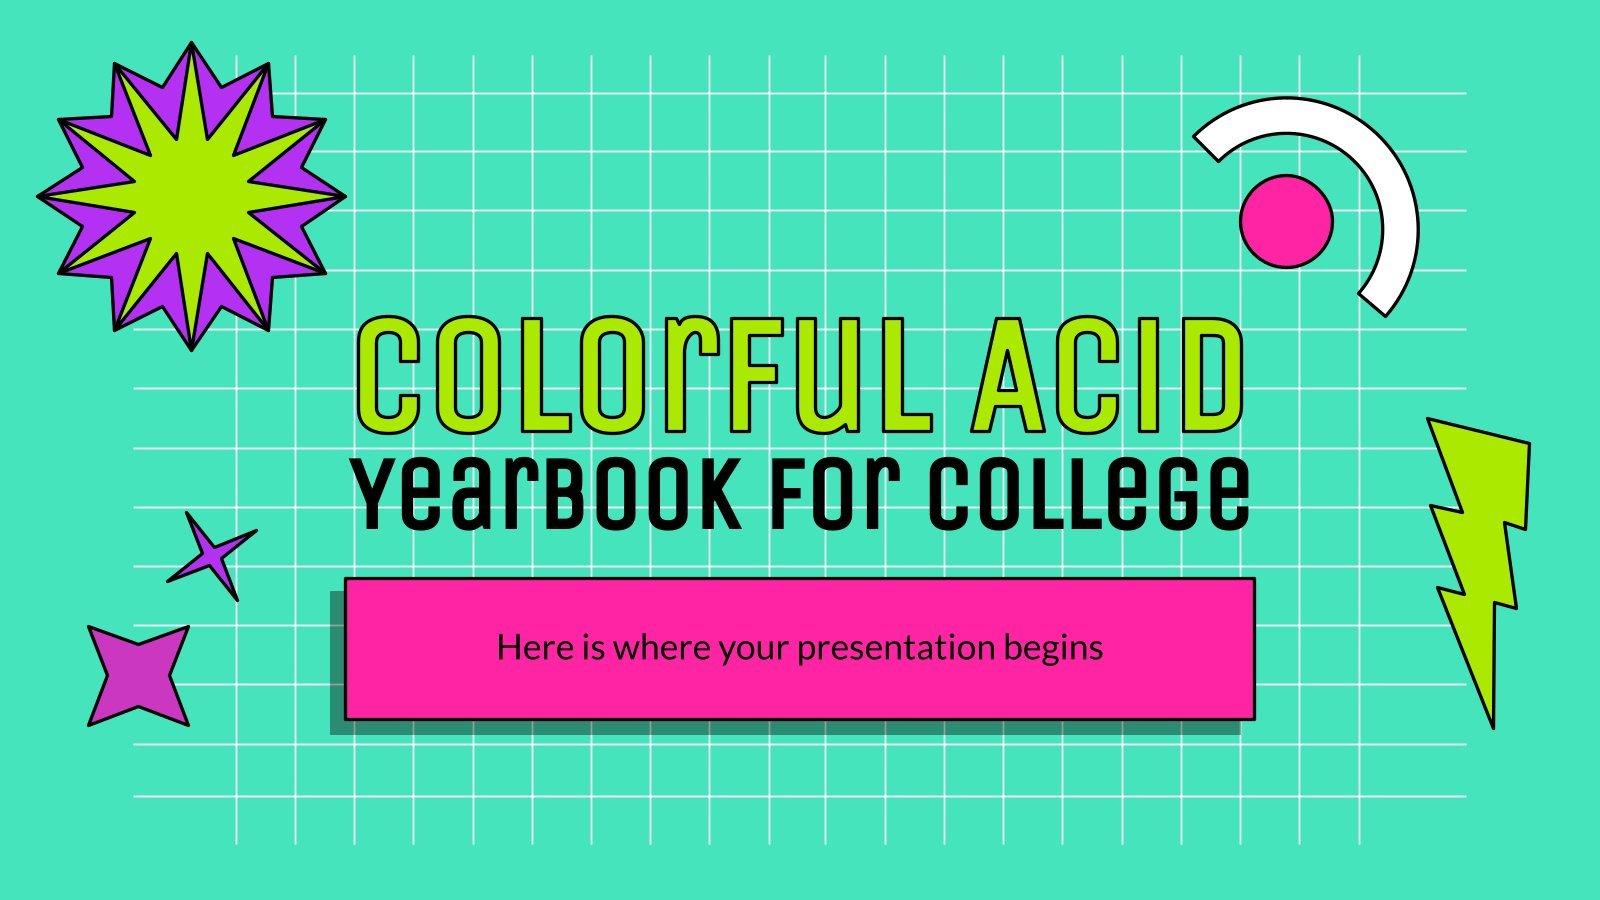 Plantilla de presentación Anuario de colores ácidos para la universidad